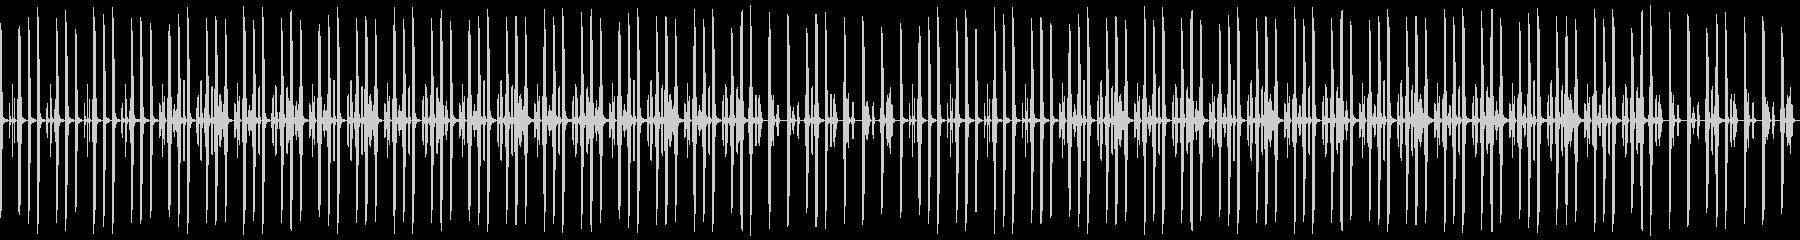 ほのぼの犬猫フルートBGM パターンCの未再生の波形